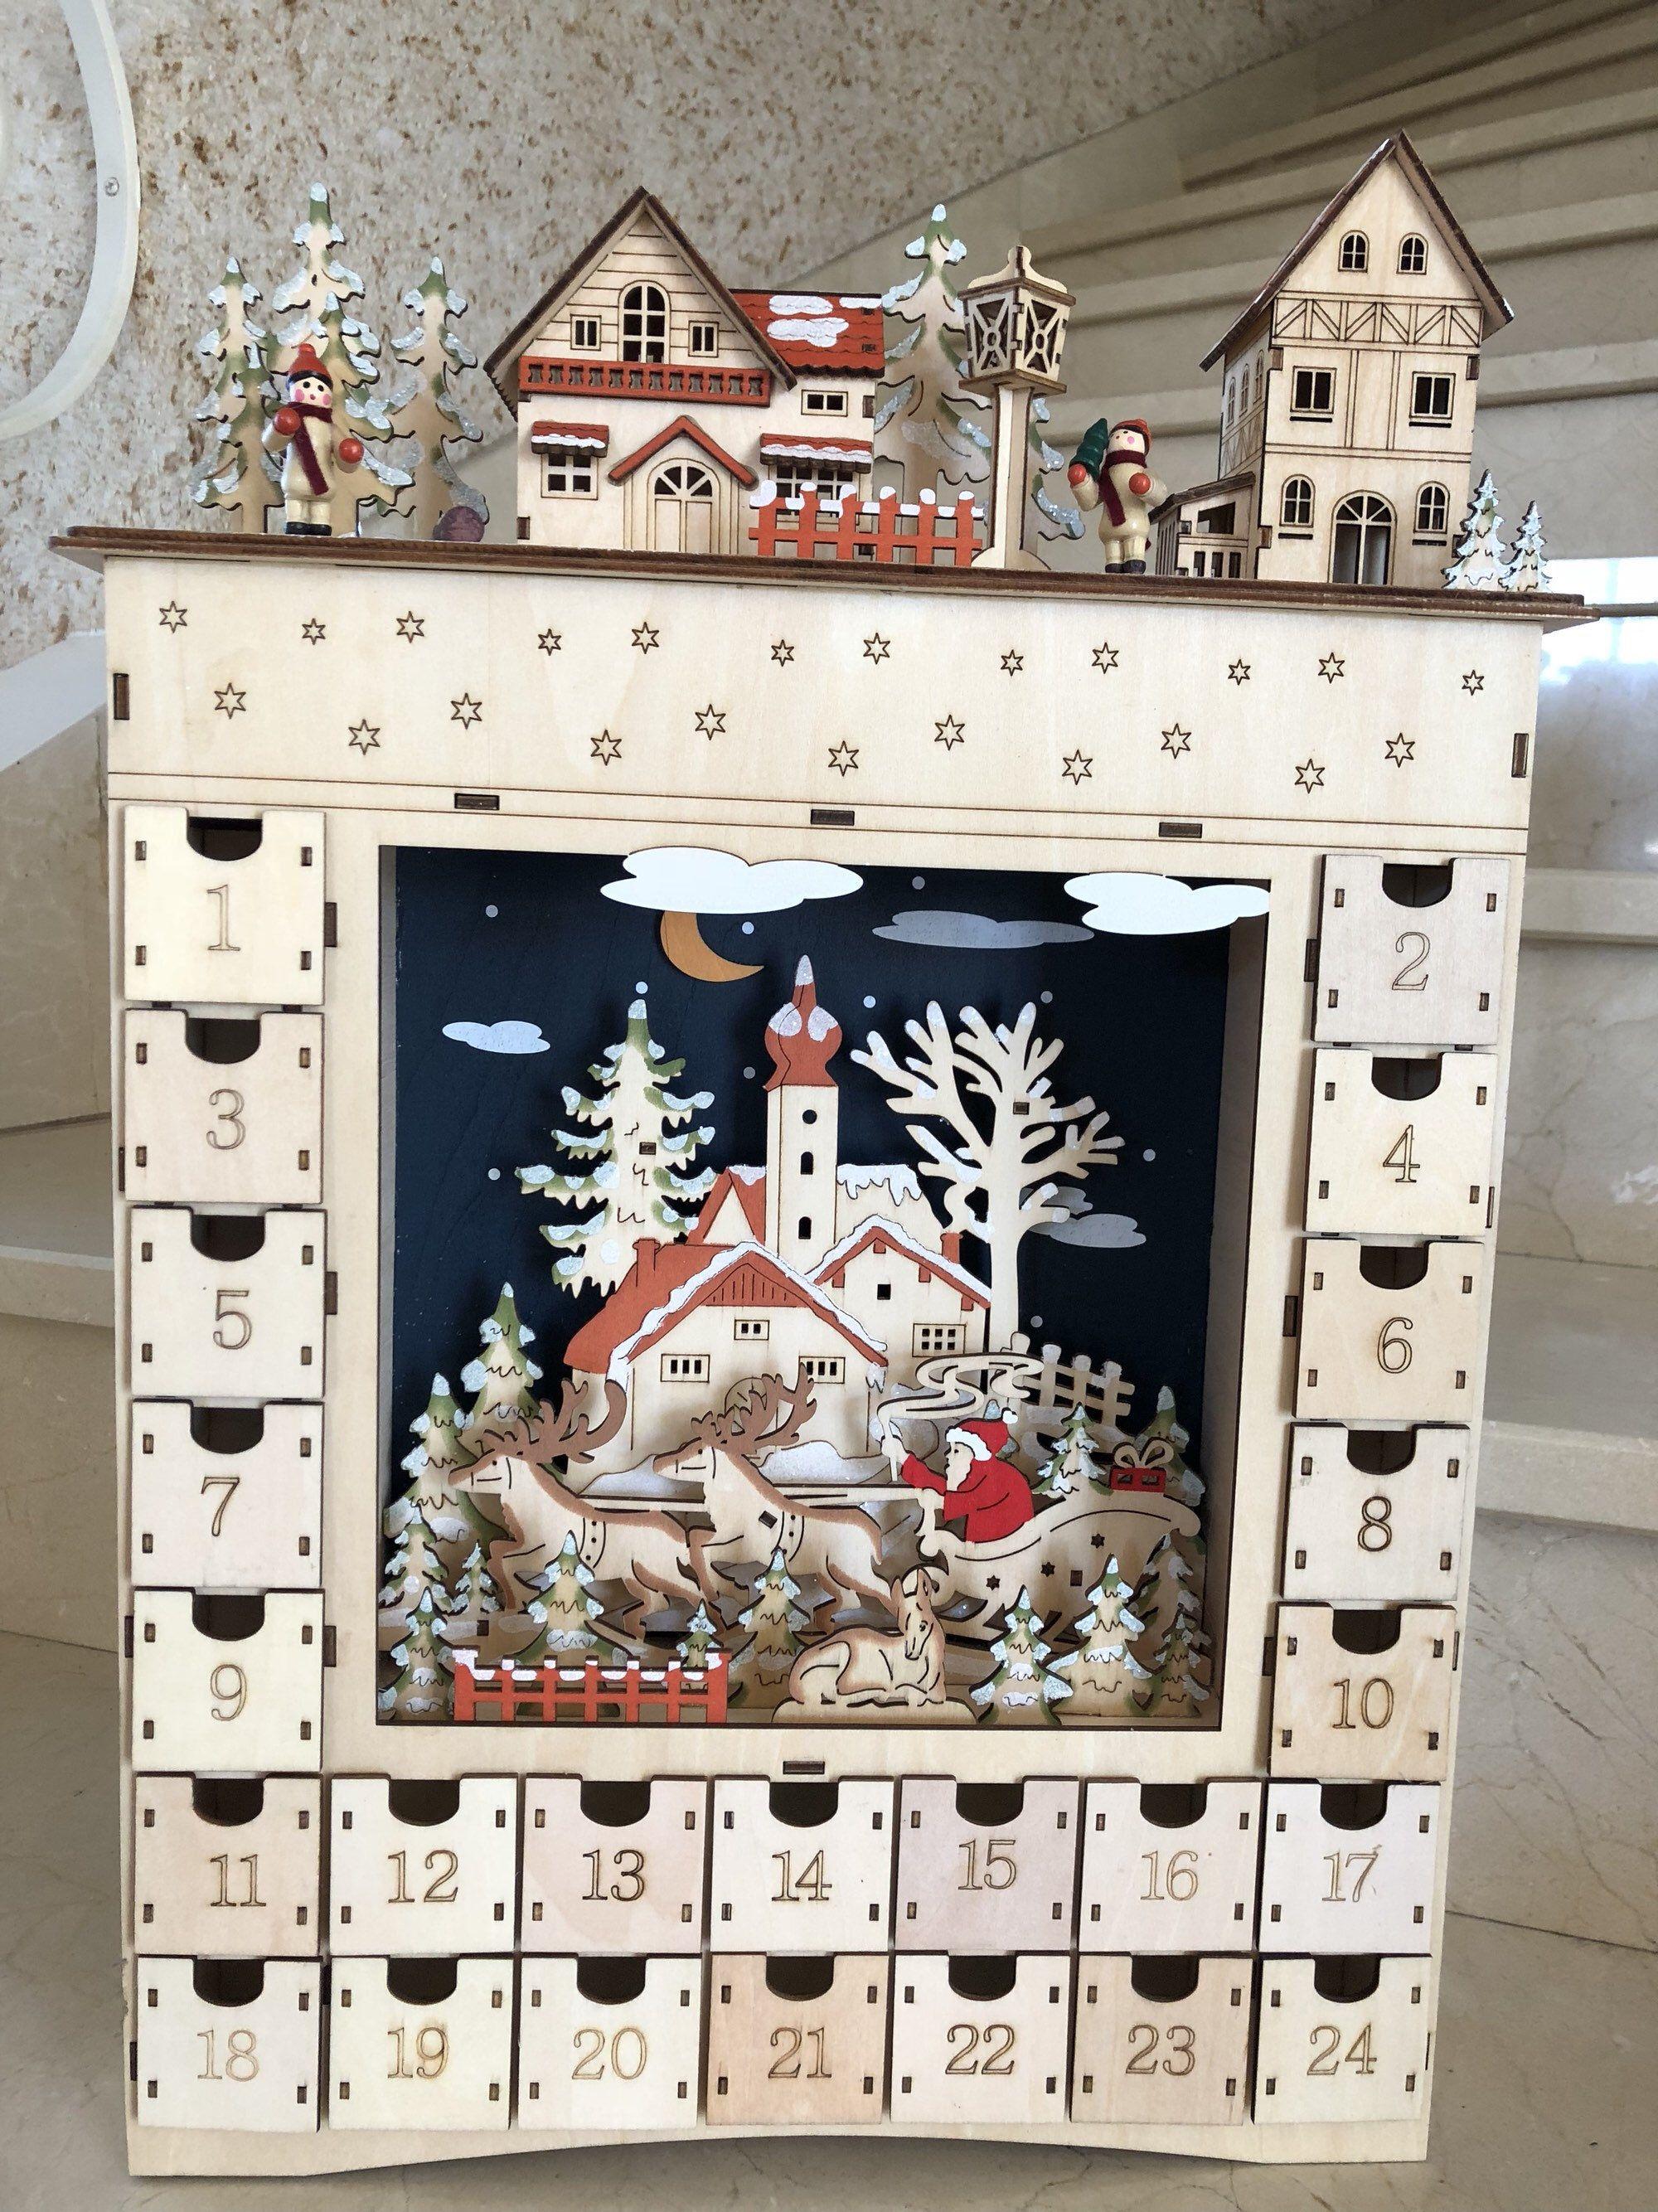 Calendrier de l'Avent Rêve hivernal, calendrier de l'Avent, calendrier, Noël, cadeau, Père Noël, fait main, décoration, enfant